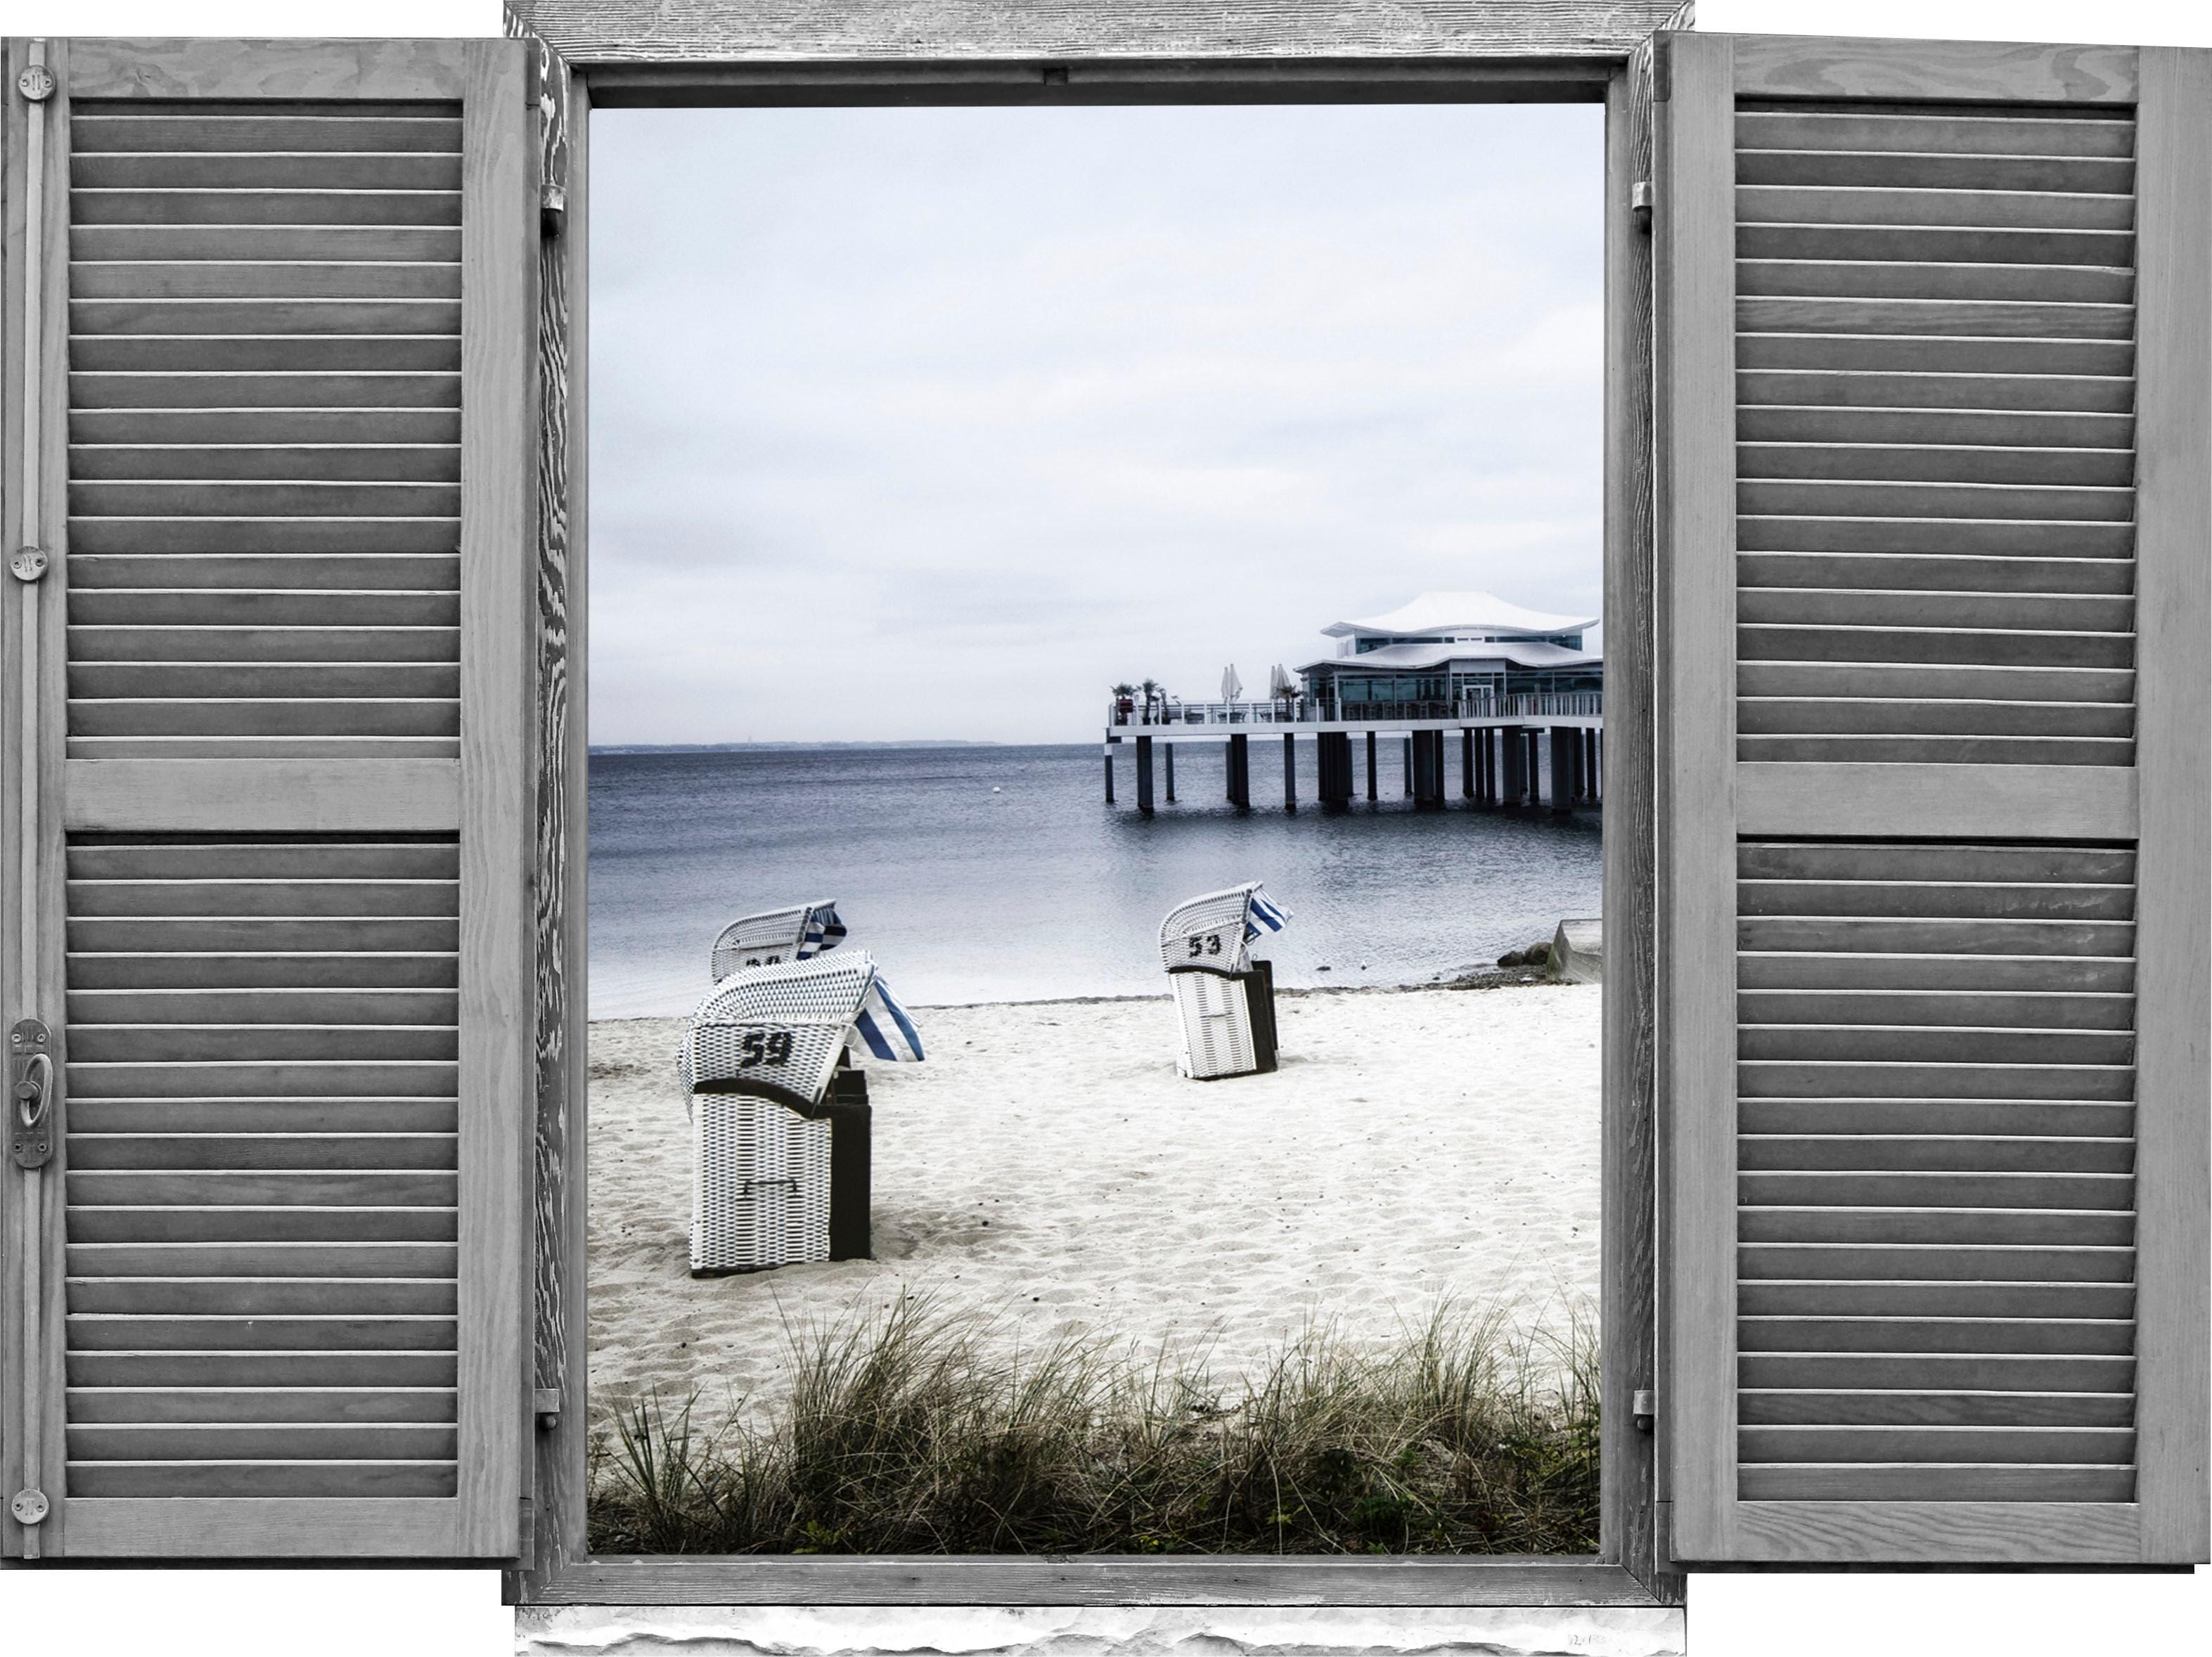 queence Wandtattoo Strandkörbe am Meer (1 Stück) weiß Wandtattoos und Wandsticker Wohnaccessoires